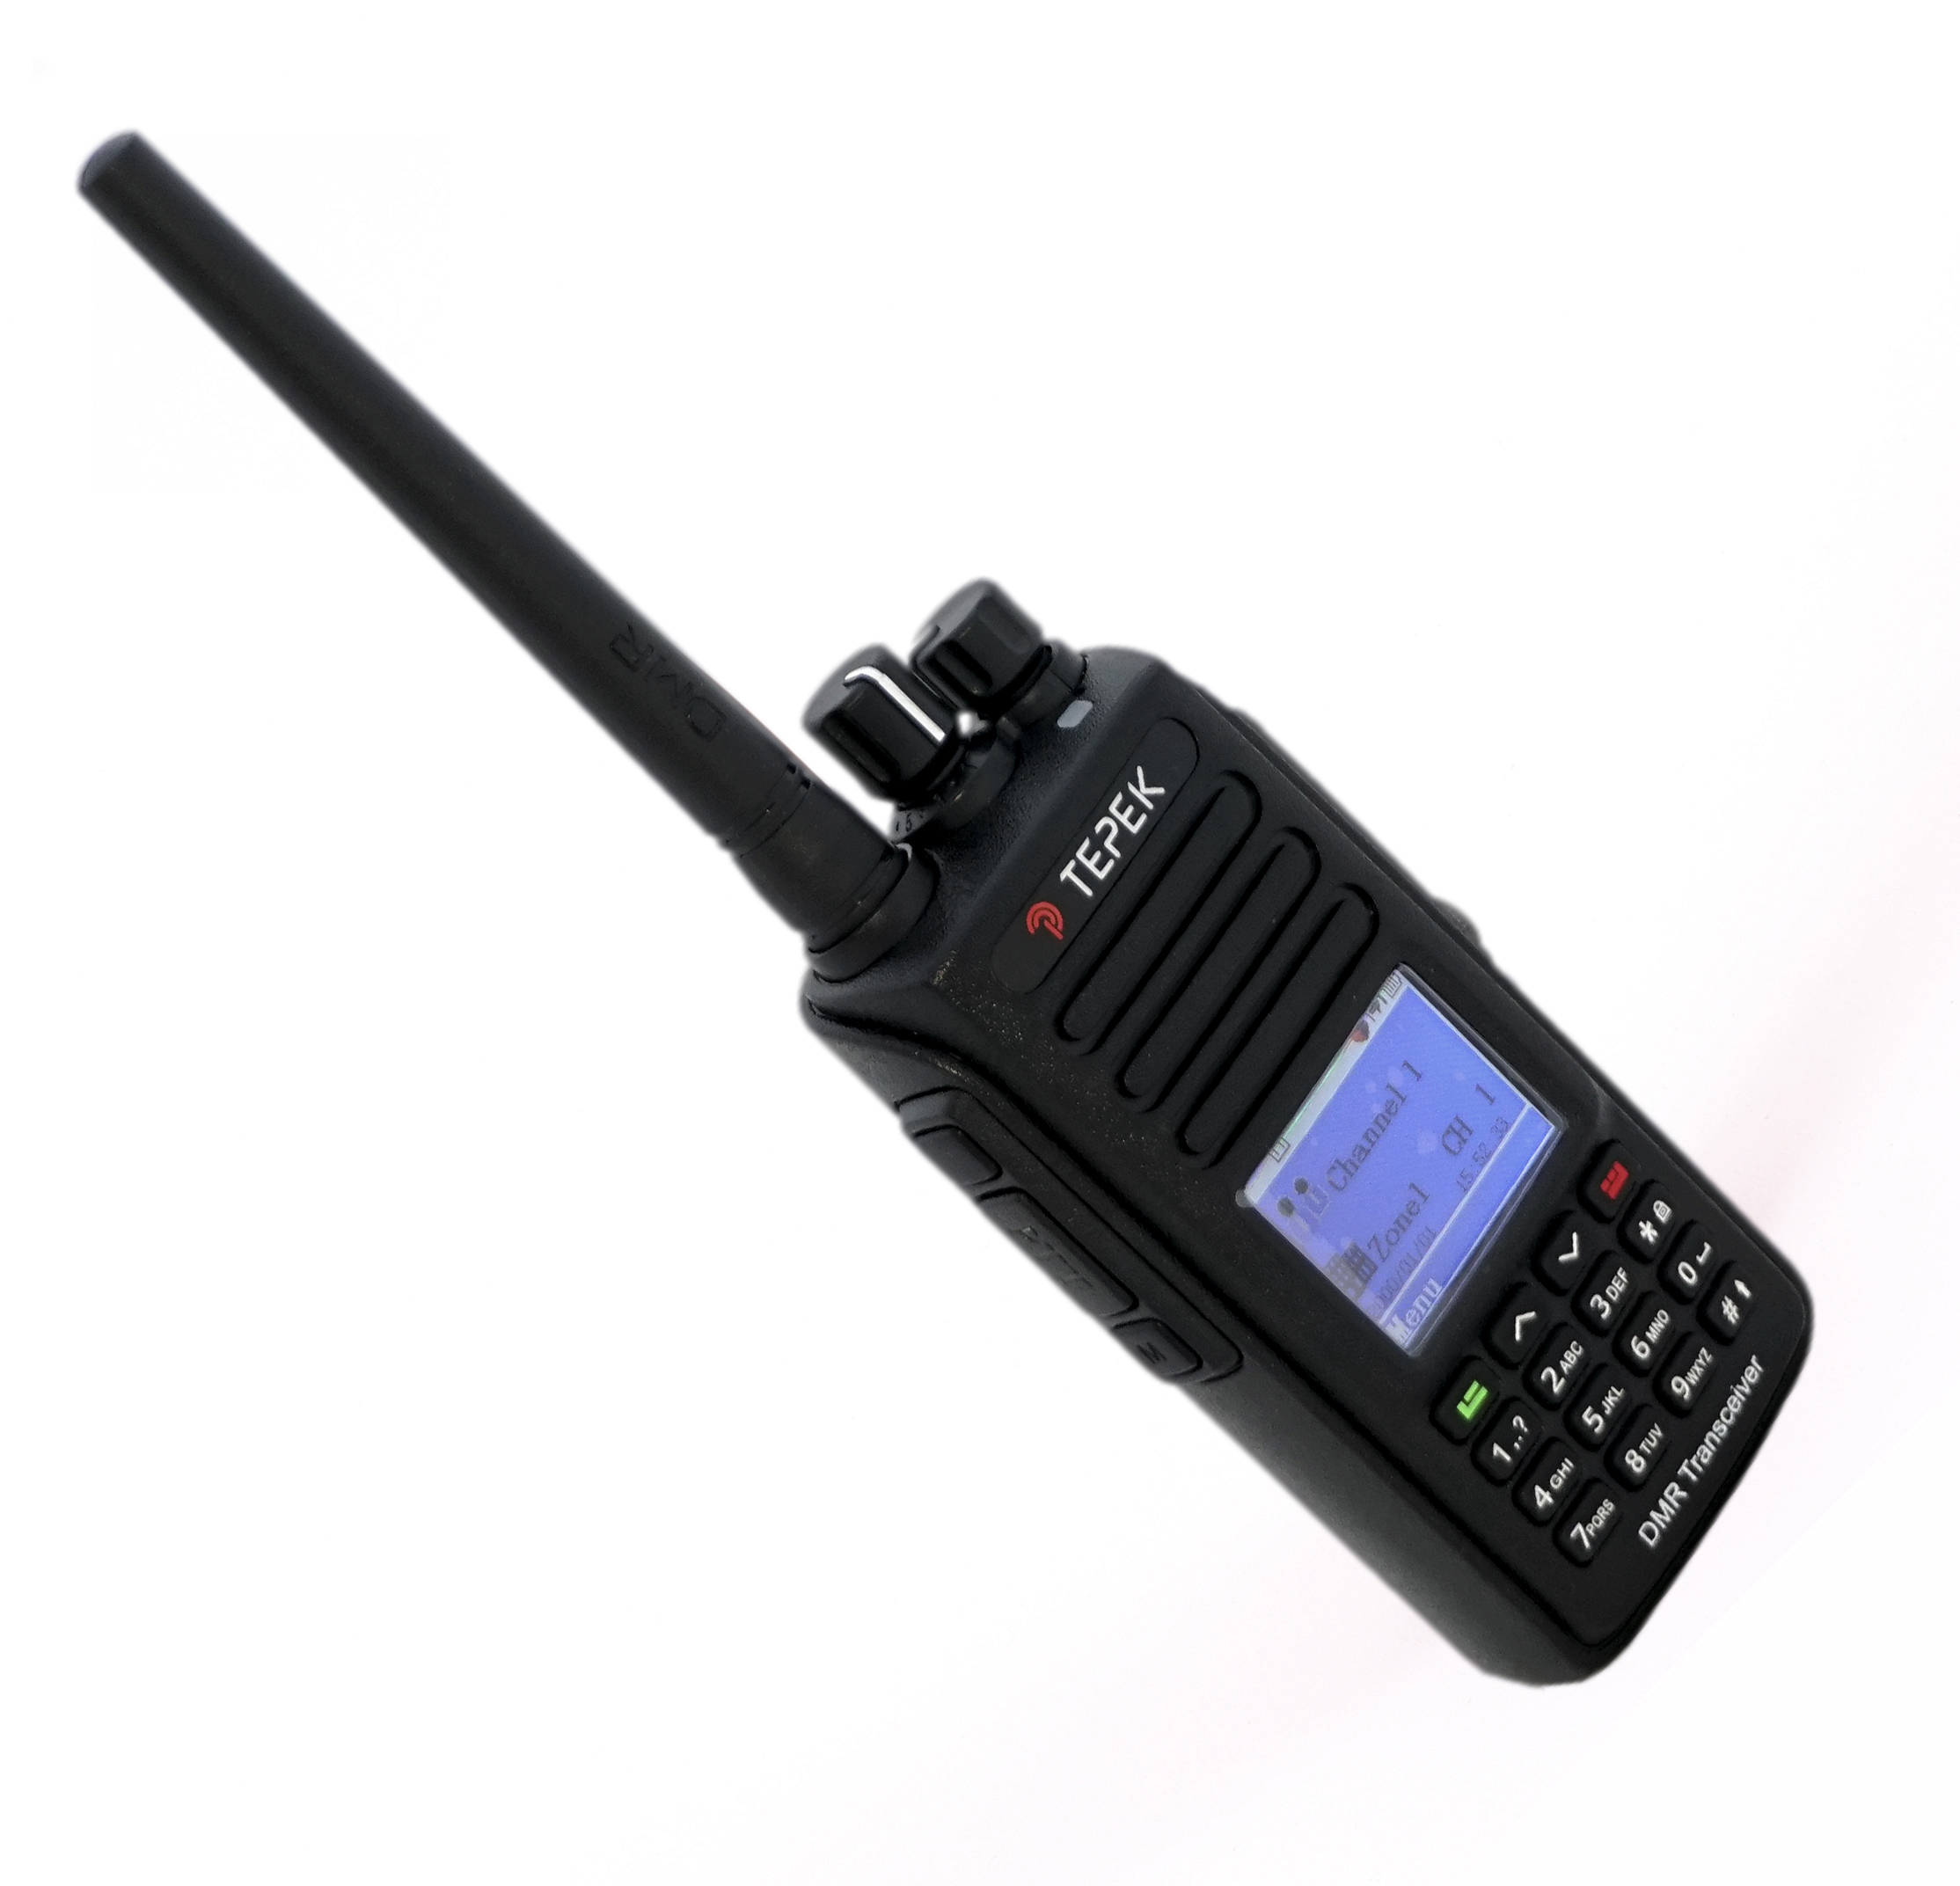 Портативная рация Терек РК-322-DMR UHF (+ Гарнитура в подарок!) портативная рация терек рк 322 dmr uhf гарнитура в подарок